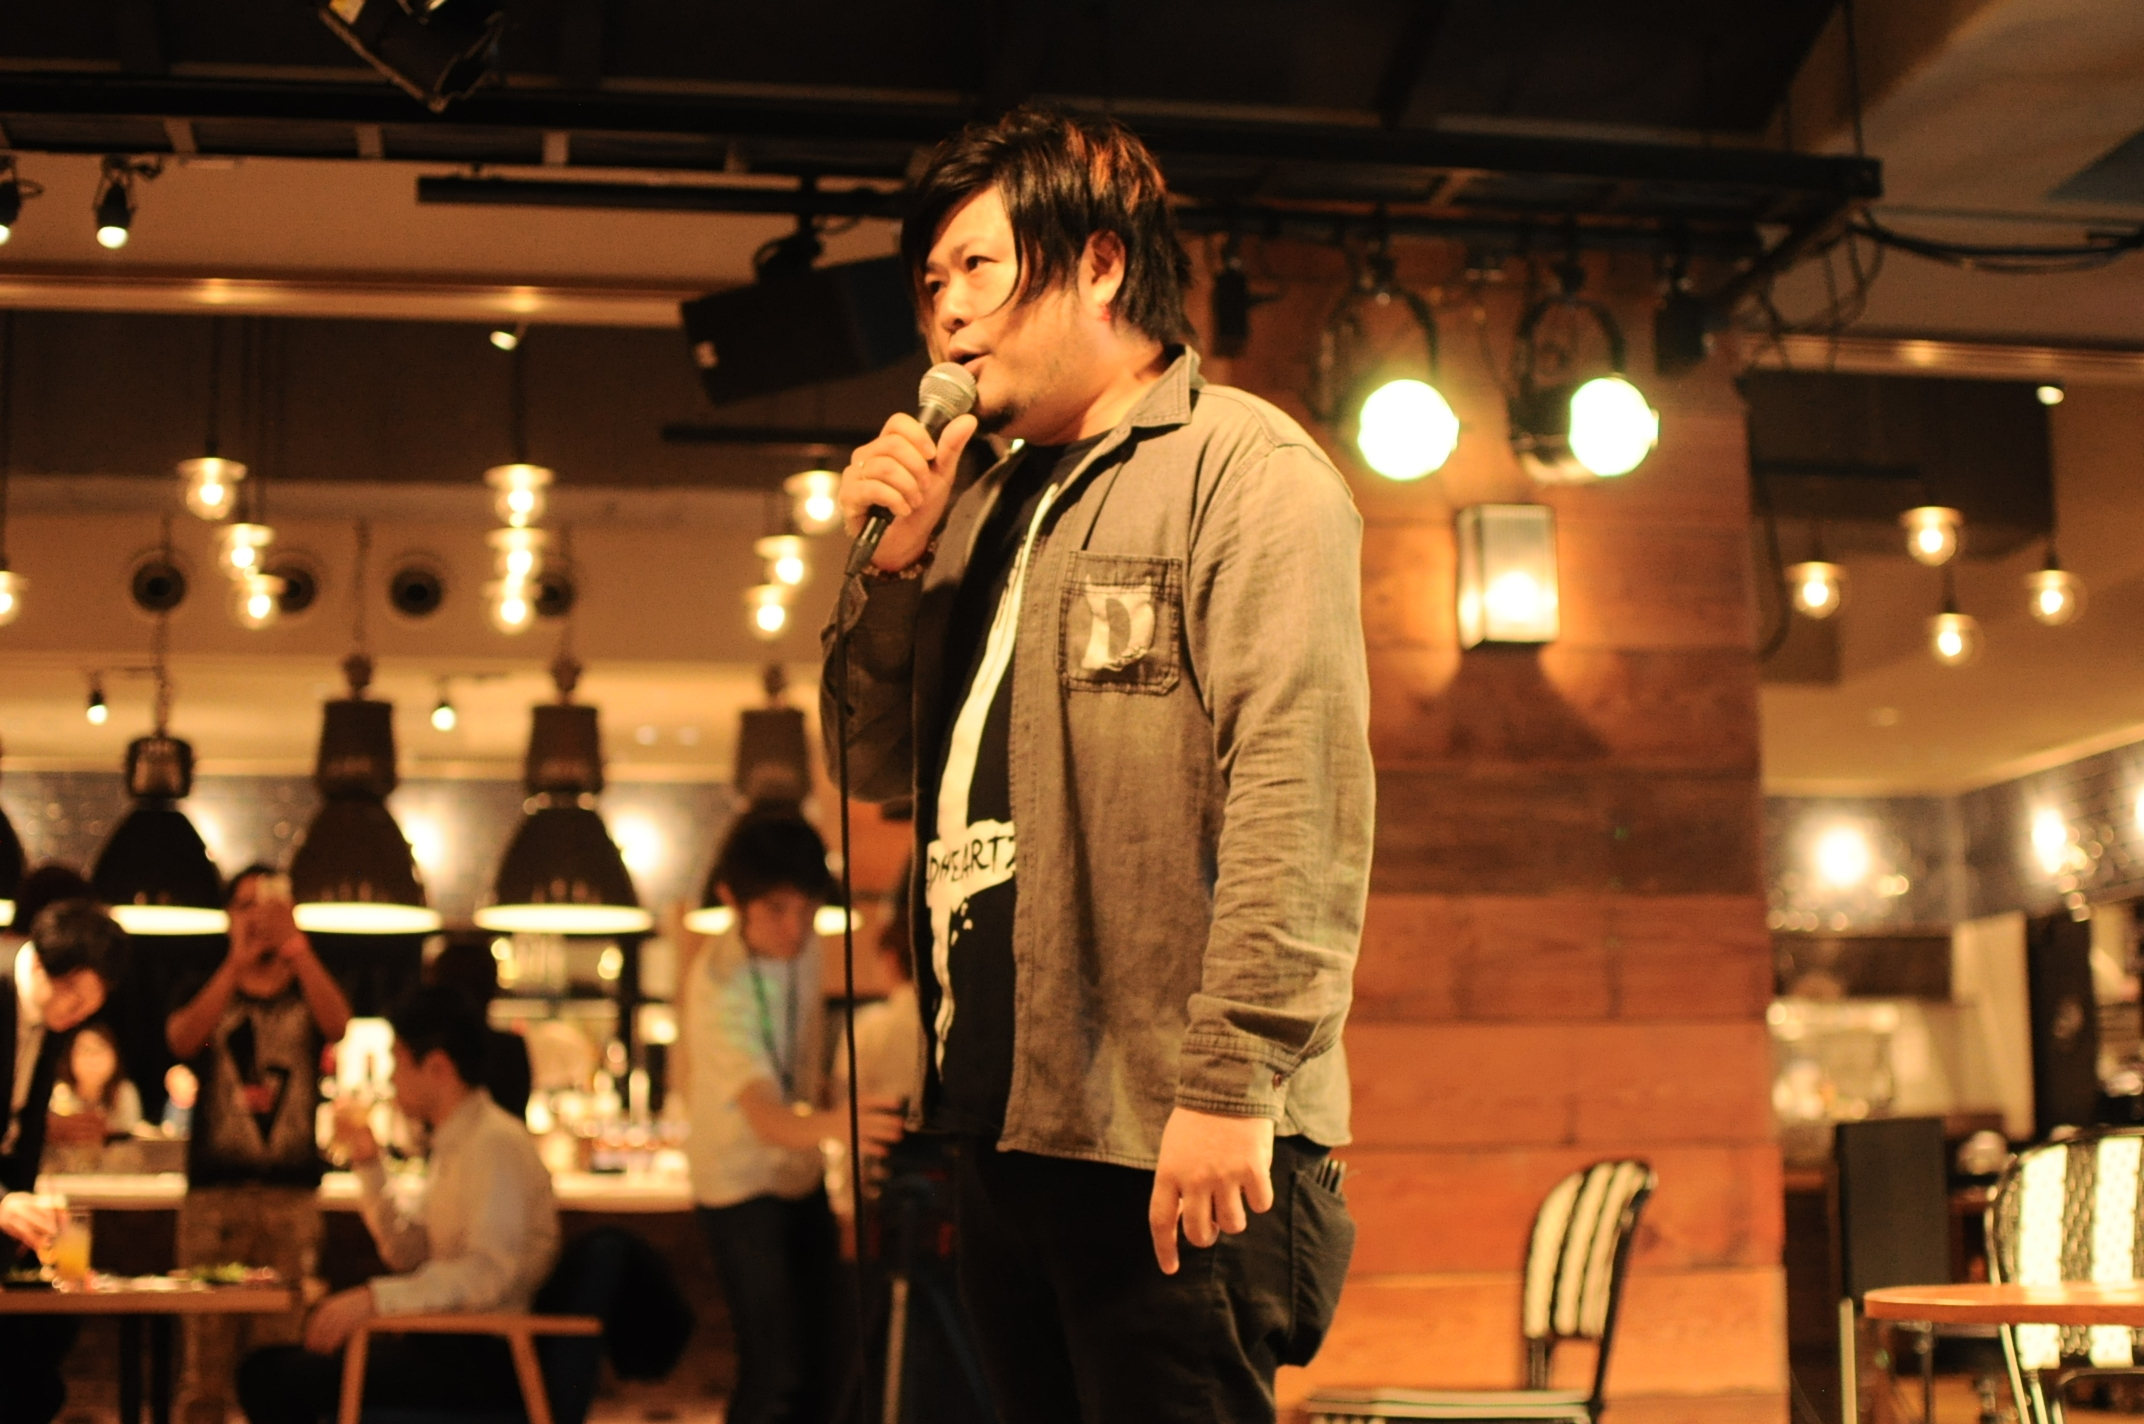 秤谷建一郎  Photo by Taiyo Kazama